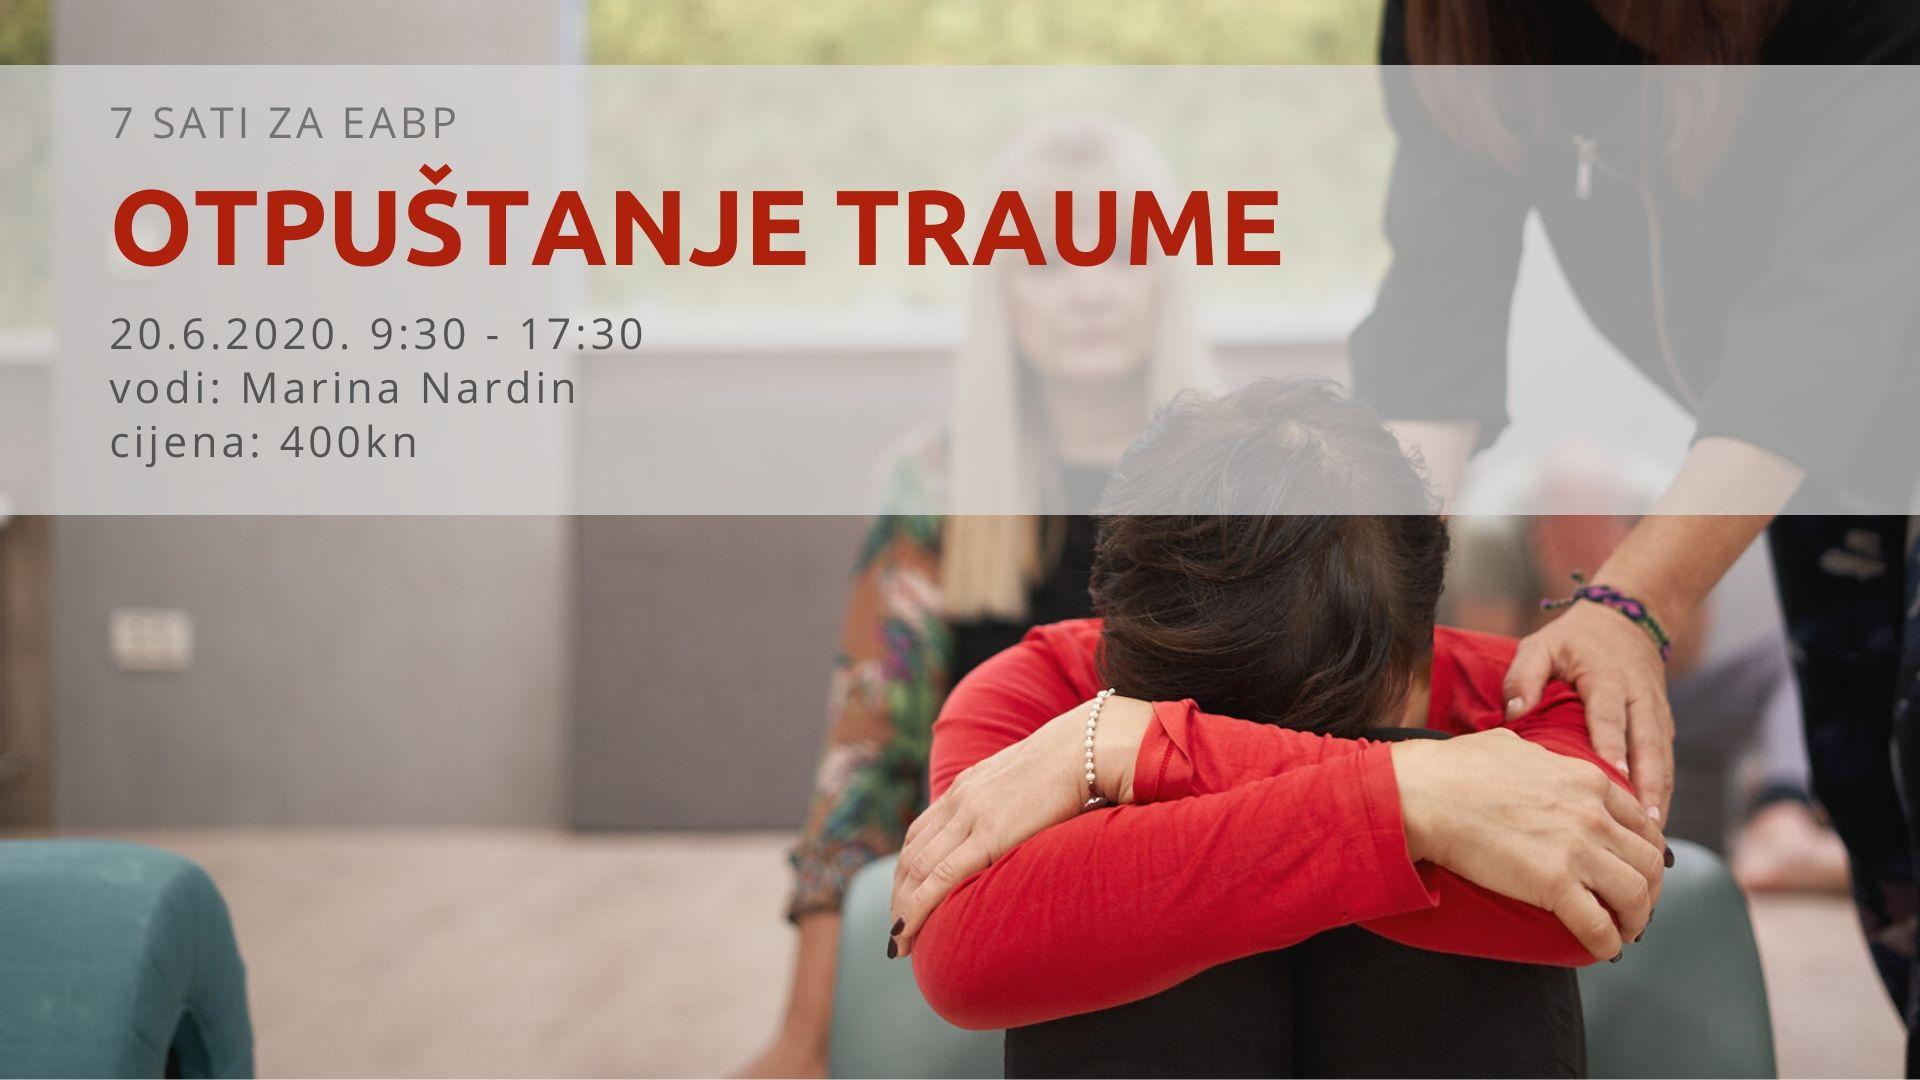 otpuštanje traume